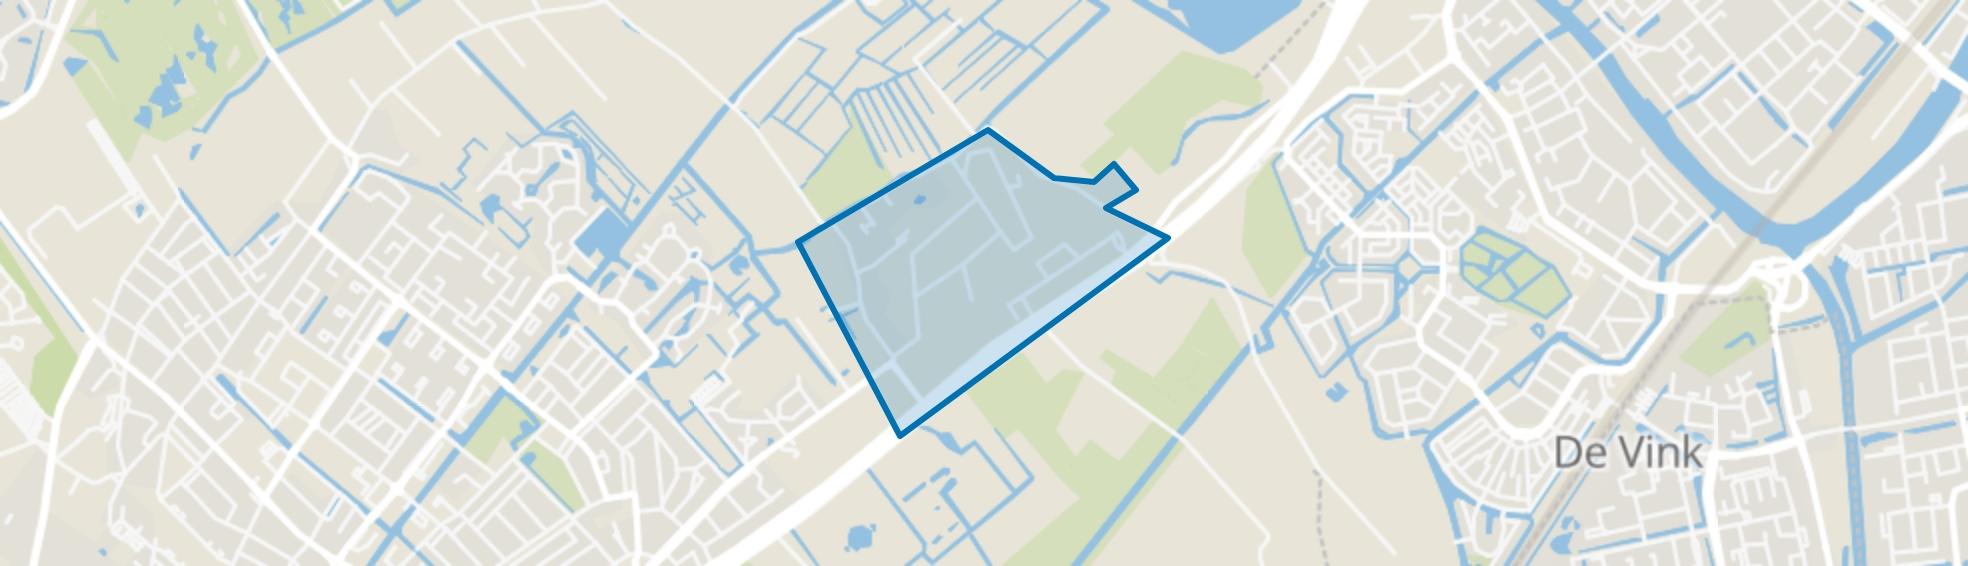 Maaldrift, Wassenaar map